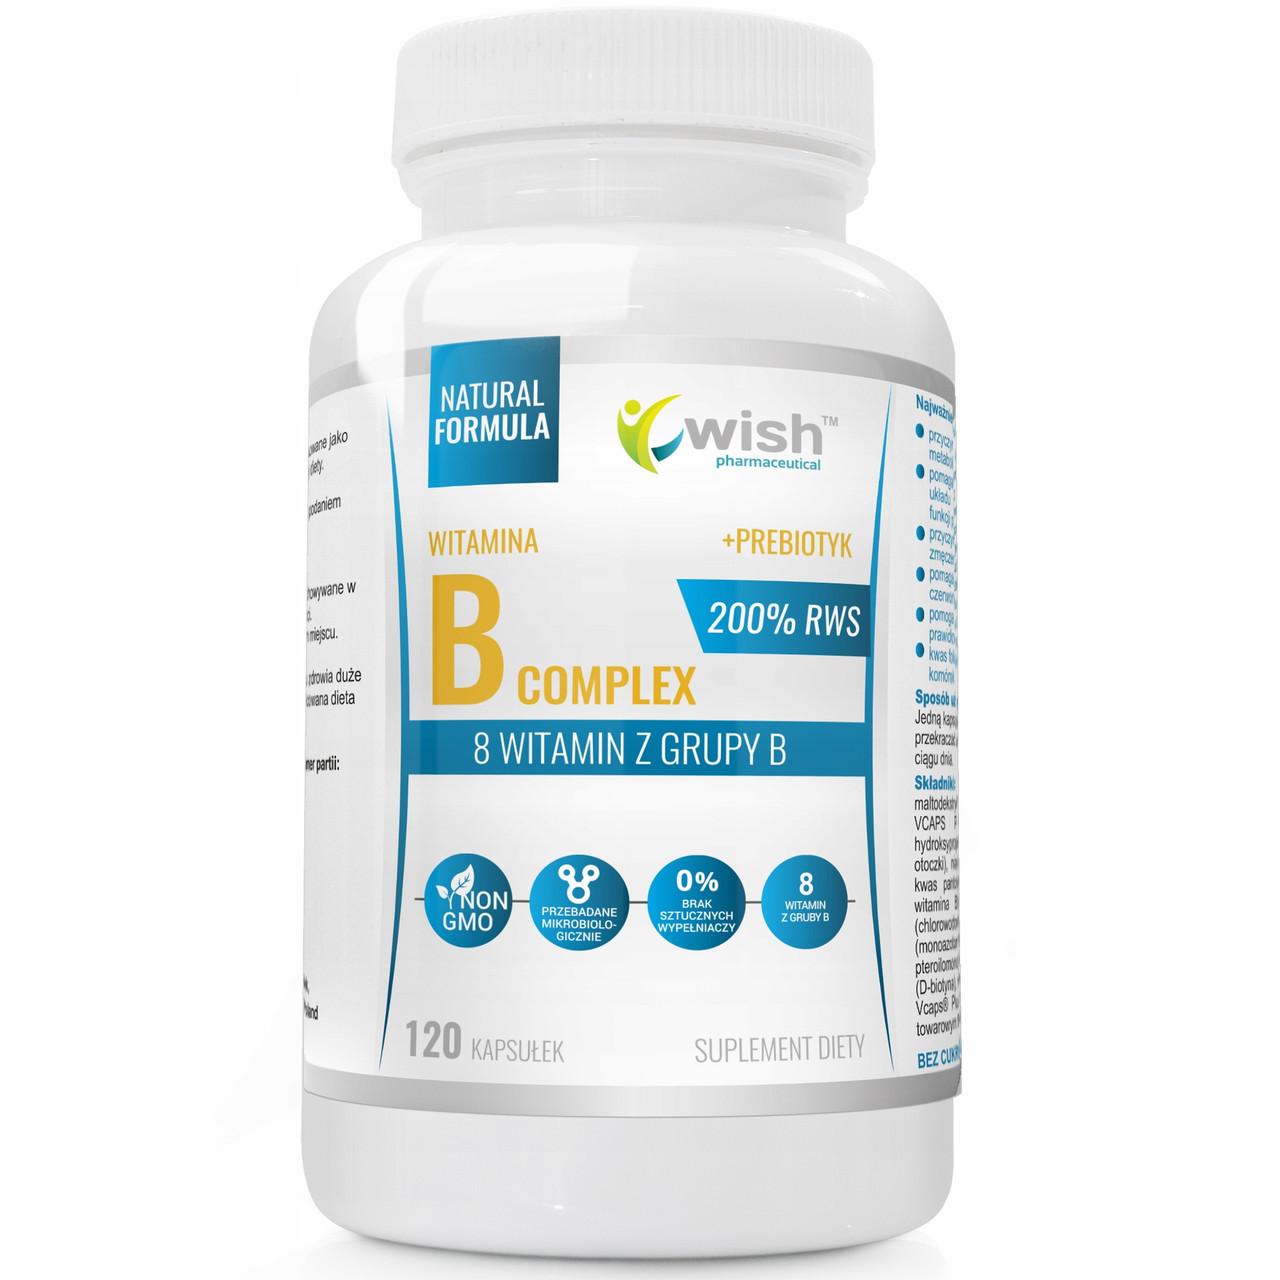 Комплекс витаминов B 200% RWS (B1, B2, B3, B5, B6, B7, B9, B12) + пребиотик 120 caps, Wish